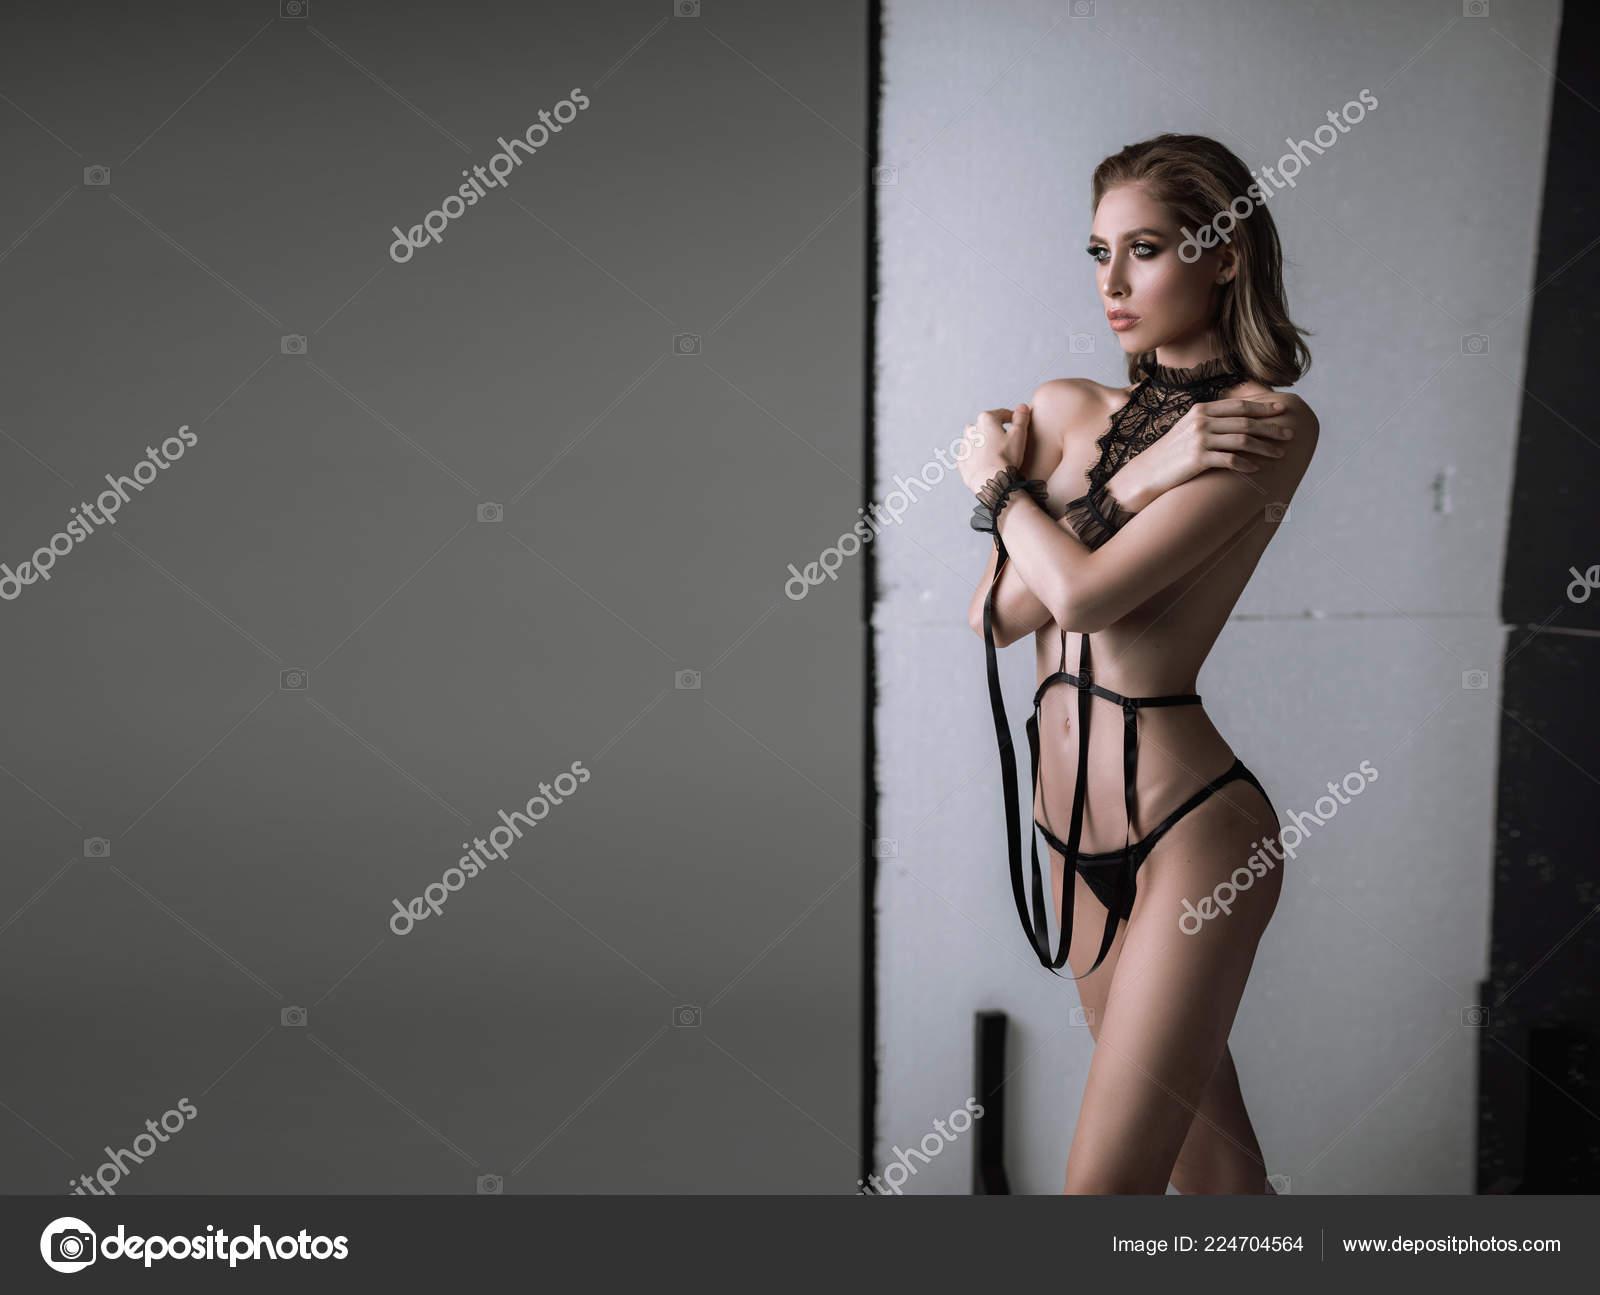 день впустую Понятно, секс в белых медсестер незапамятных времен Давид